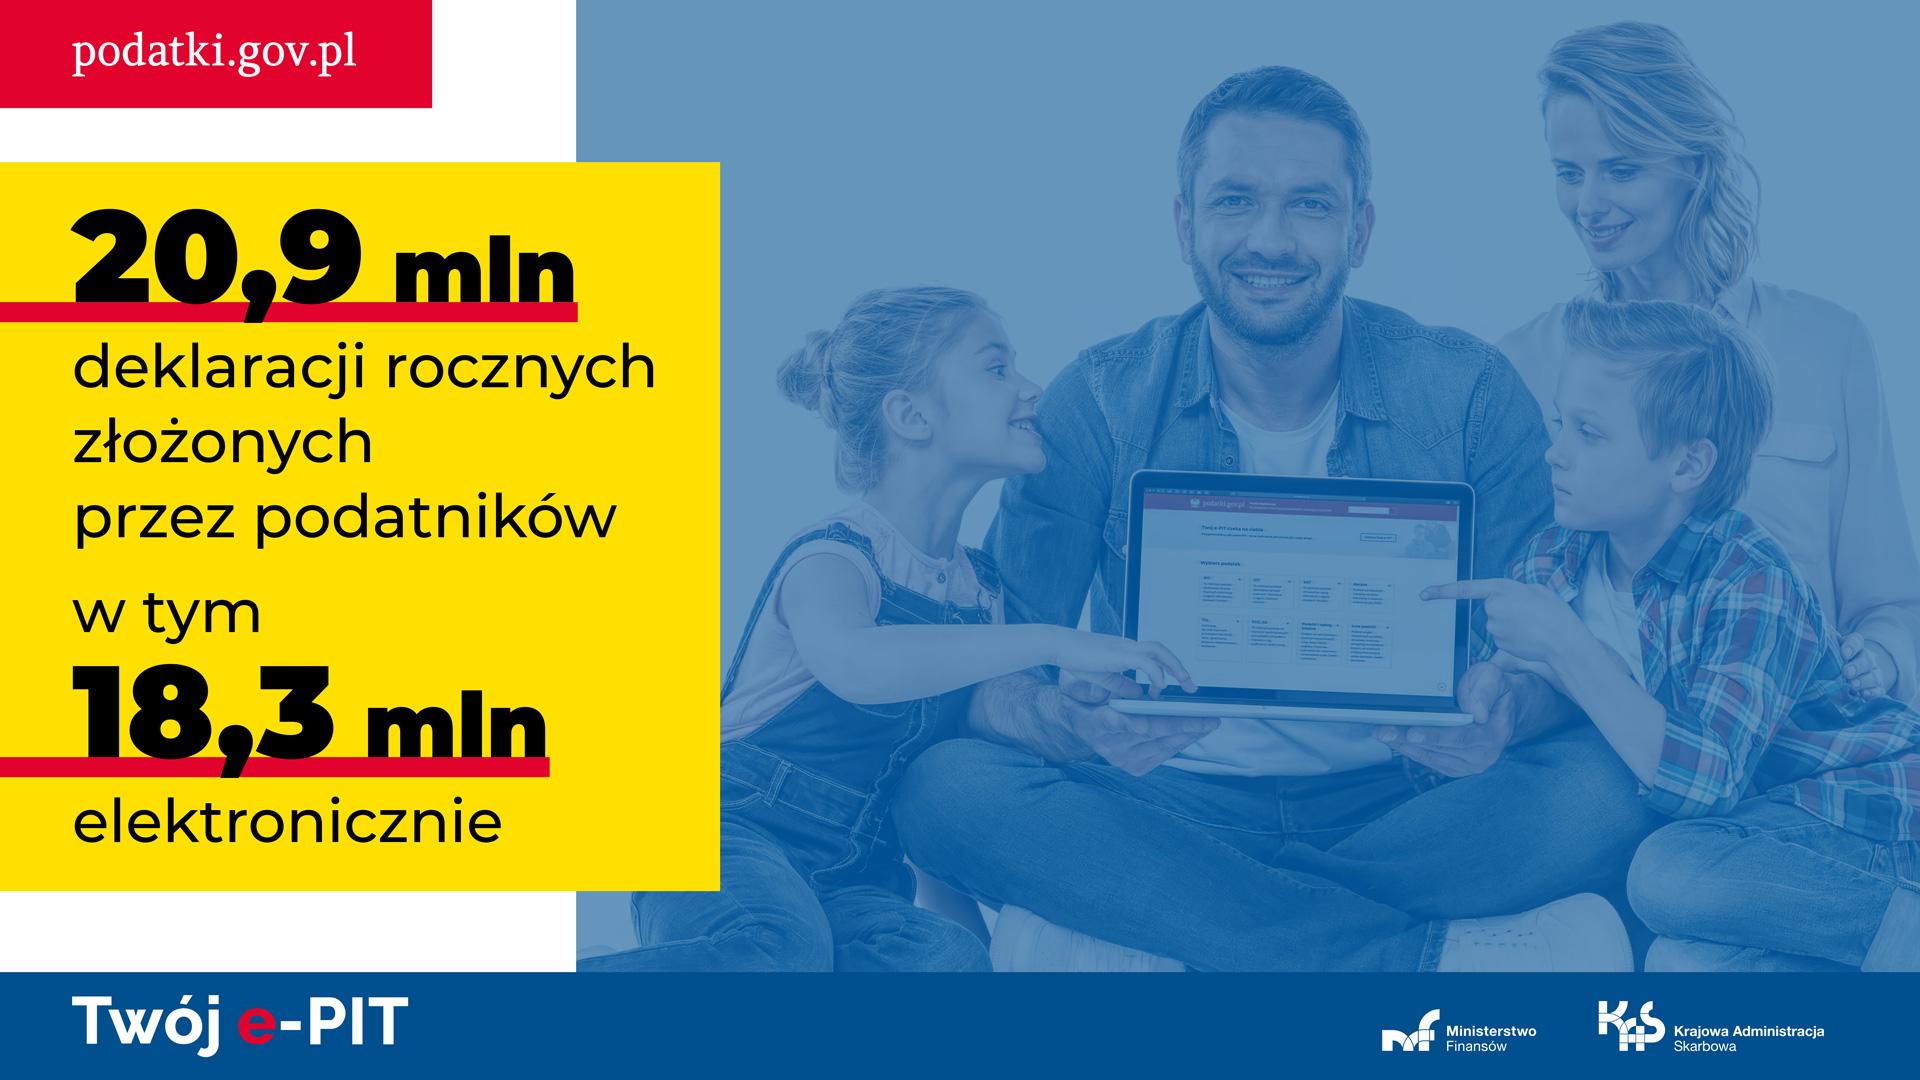 Grafika z rodziną siedzącą przy laptopie. Obok napis: Twój e-PIT - podatki.gov.pl - 20,9 mln deklaracji rocznych złożonych przez podatników w tym 18,3 mln elektronicznie